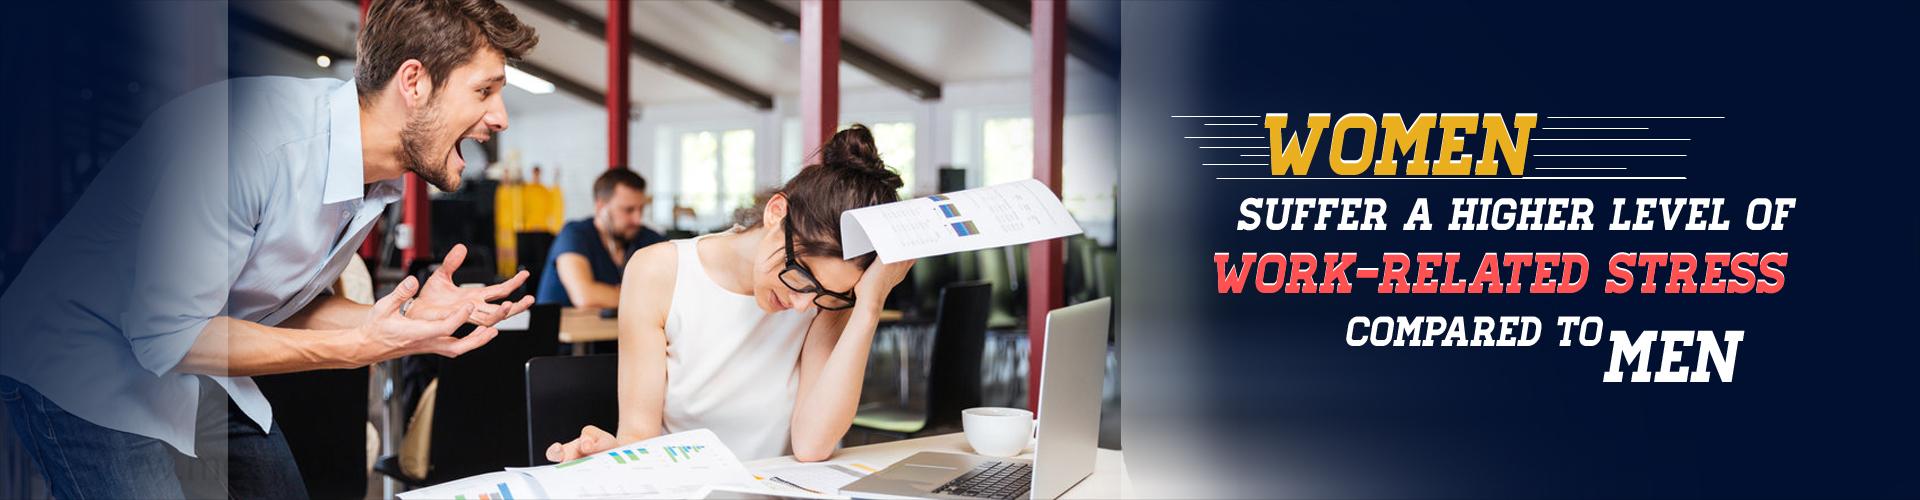 Women Suffer More Work Stress Than Men